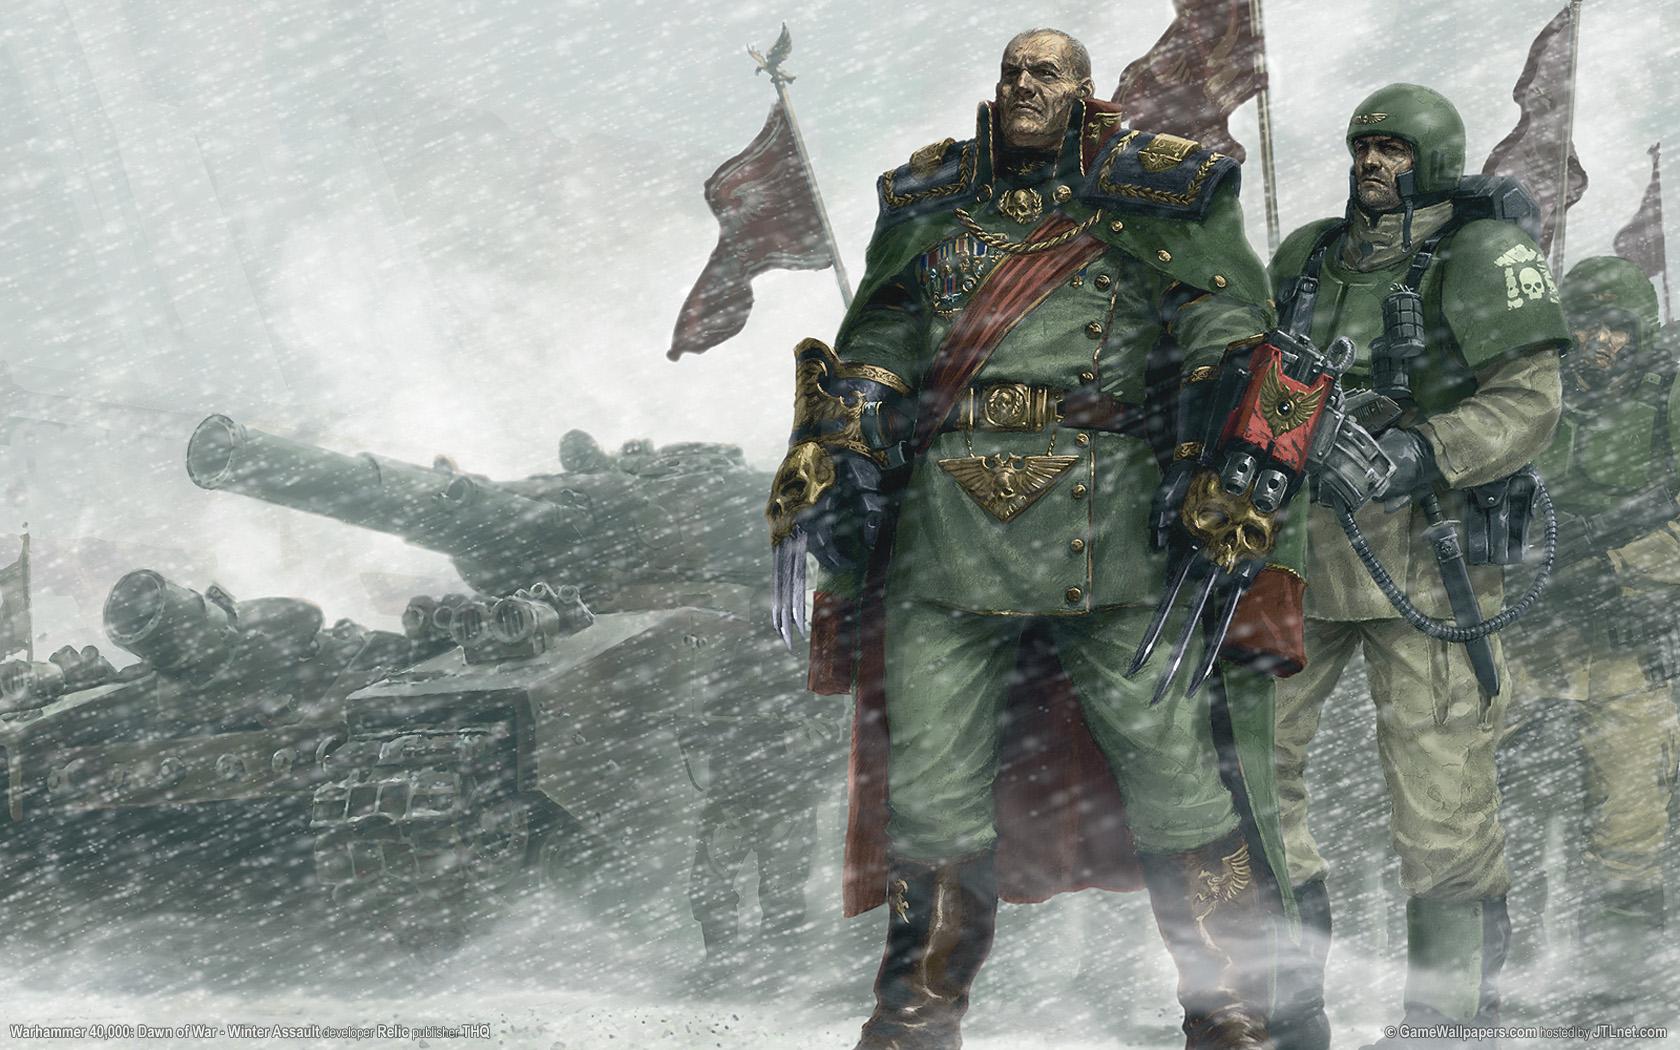 wallpaper_warhammer_40,000_dawn_of_war_-_winter_assault_03_1680x1050.jpg